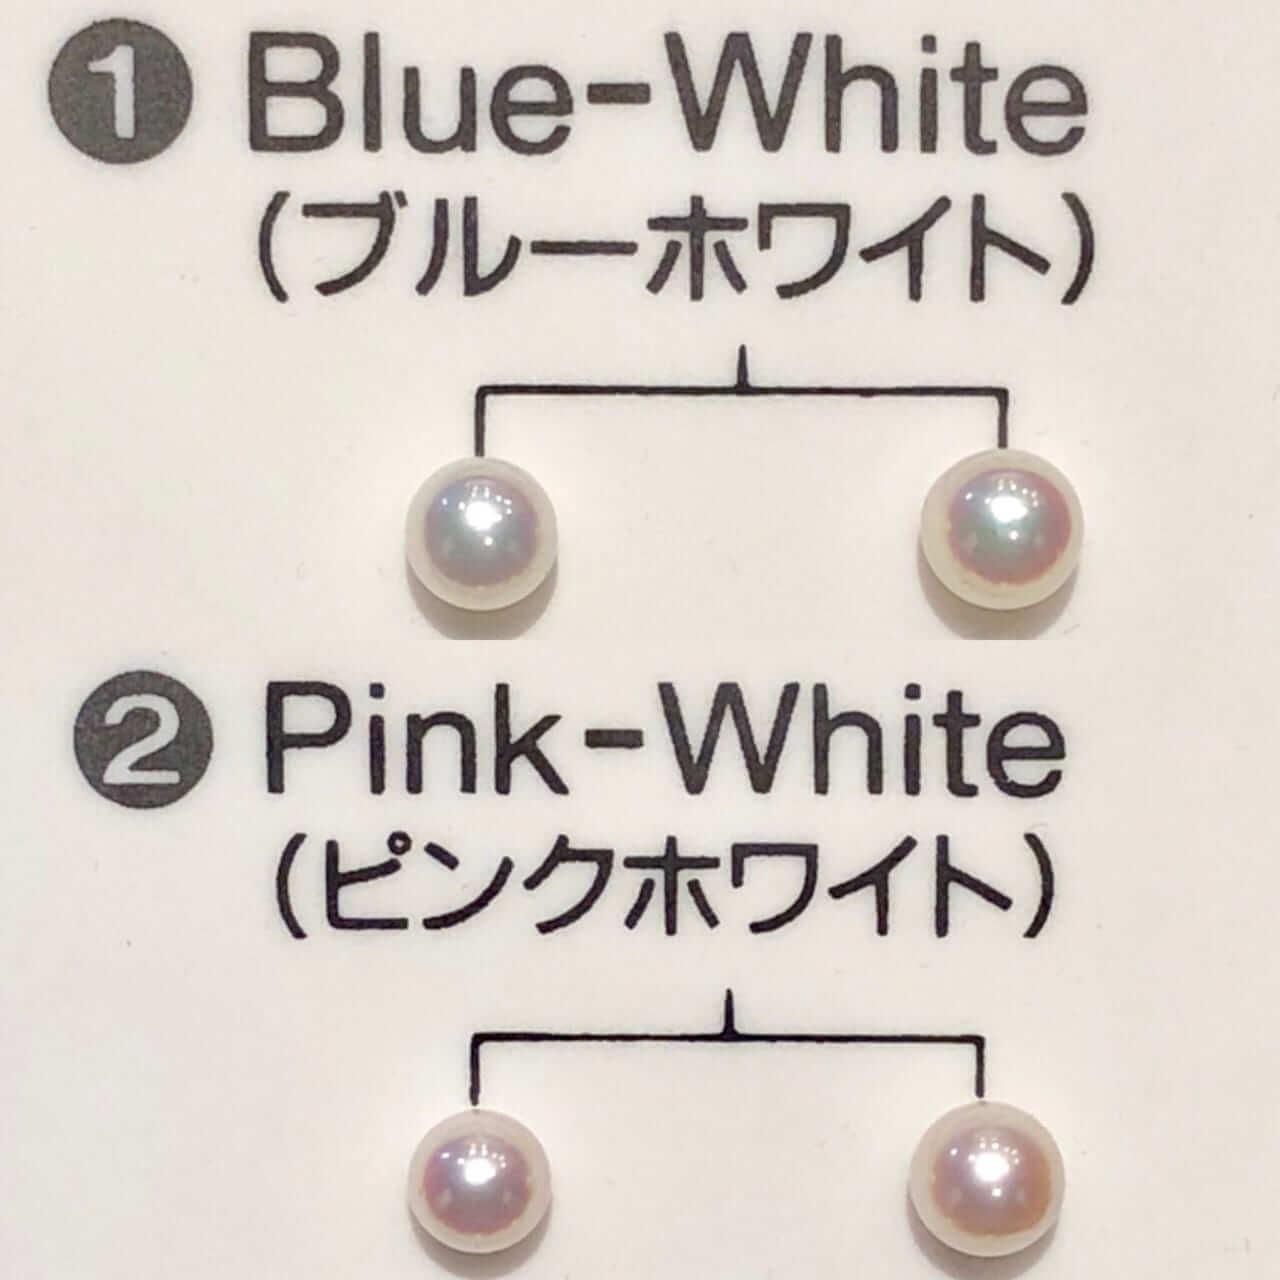 あこや真珠色目サンプル ホワイト系